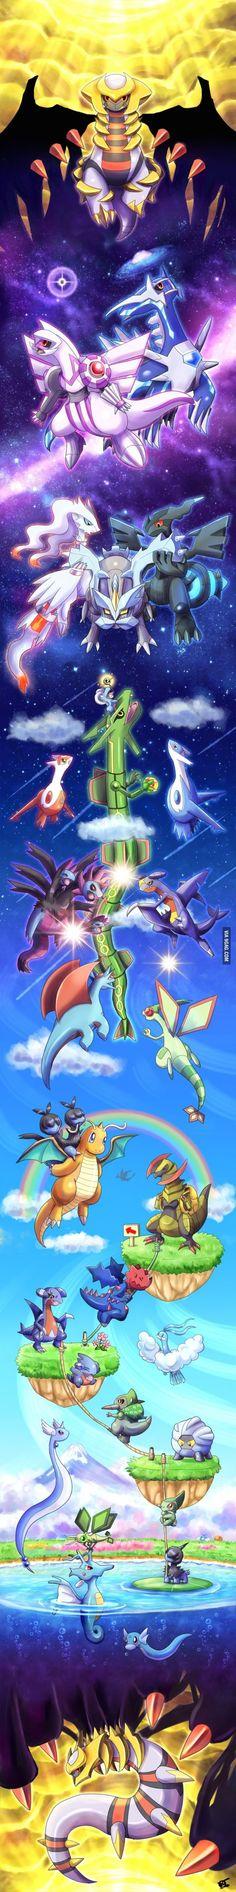 Pokemon leggendari, draghi e d'acqua.